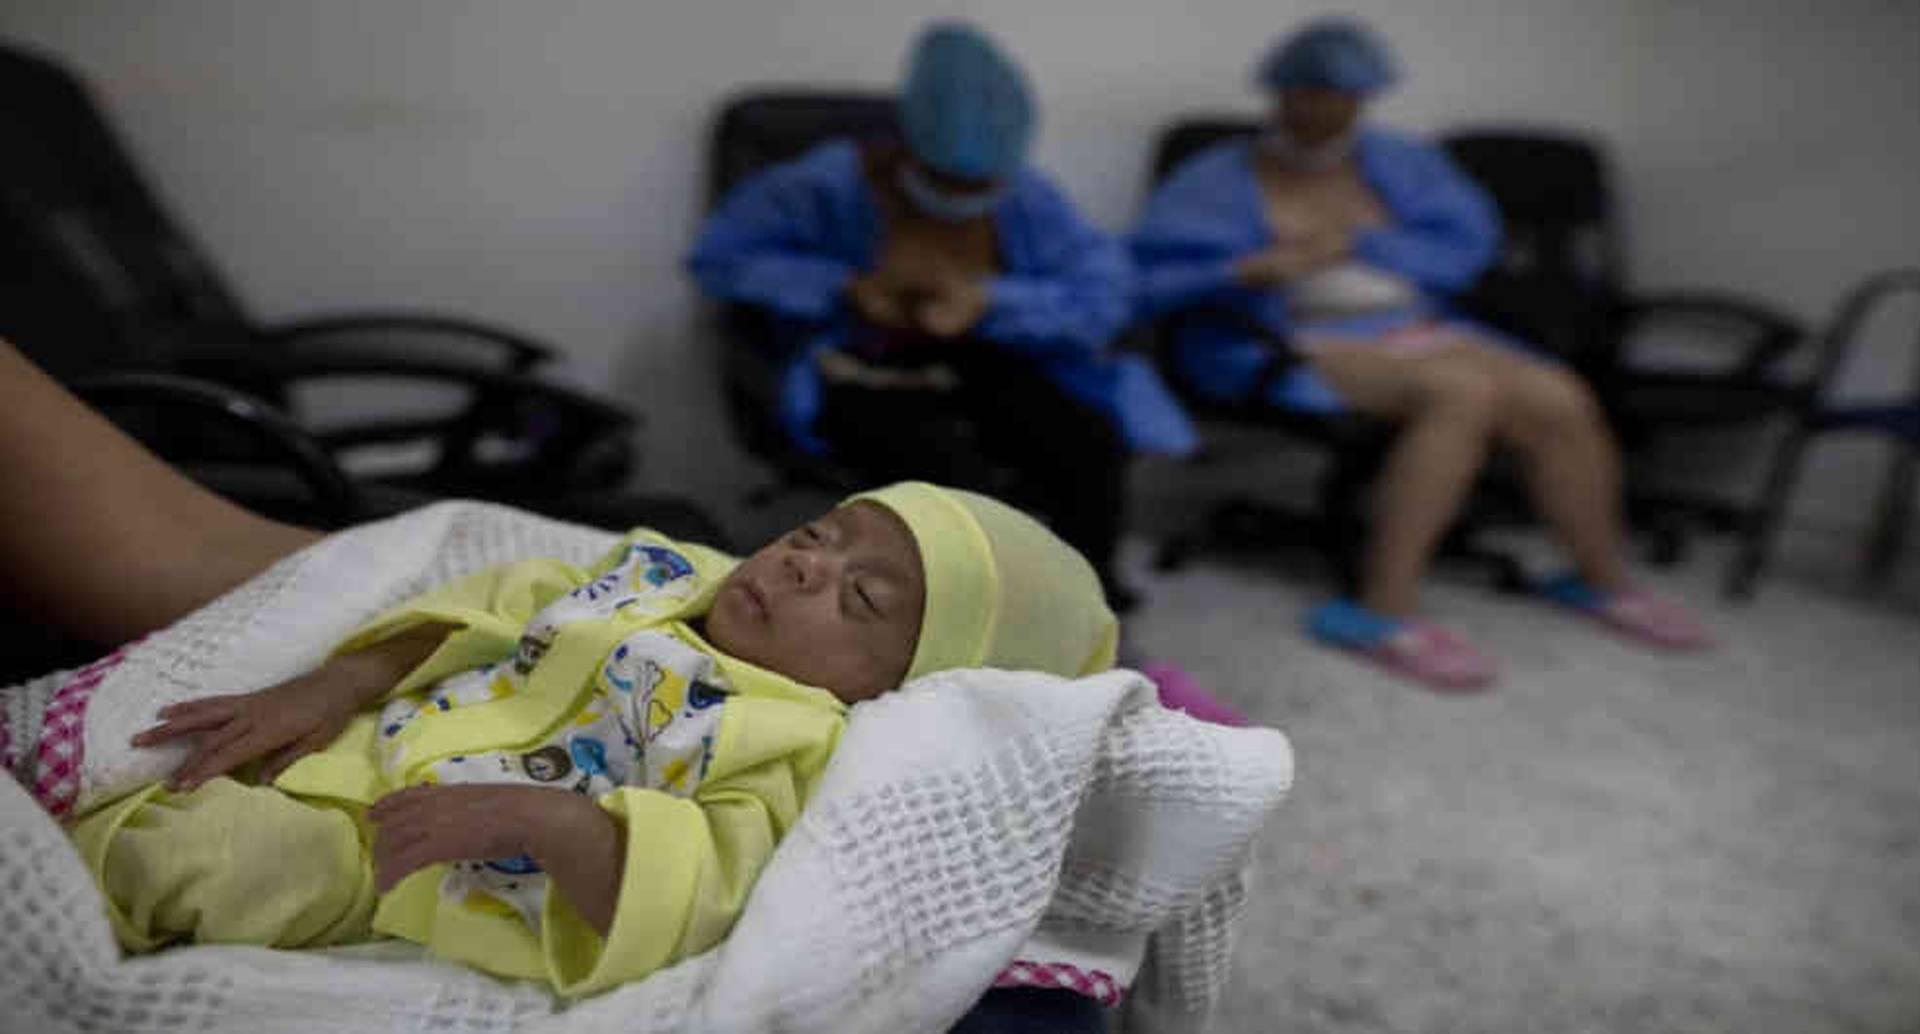 Investigarán sobre salud sexual y reproductiva de migrantes